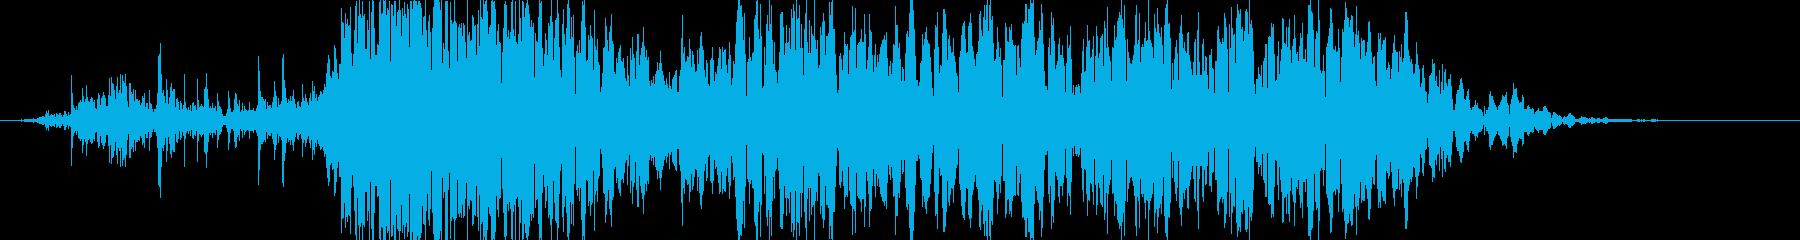 衝撃 噴火15の再生済みの波形